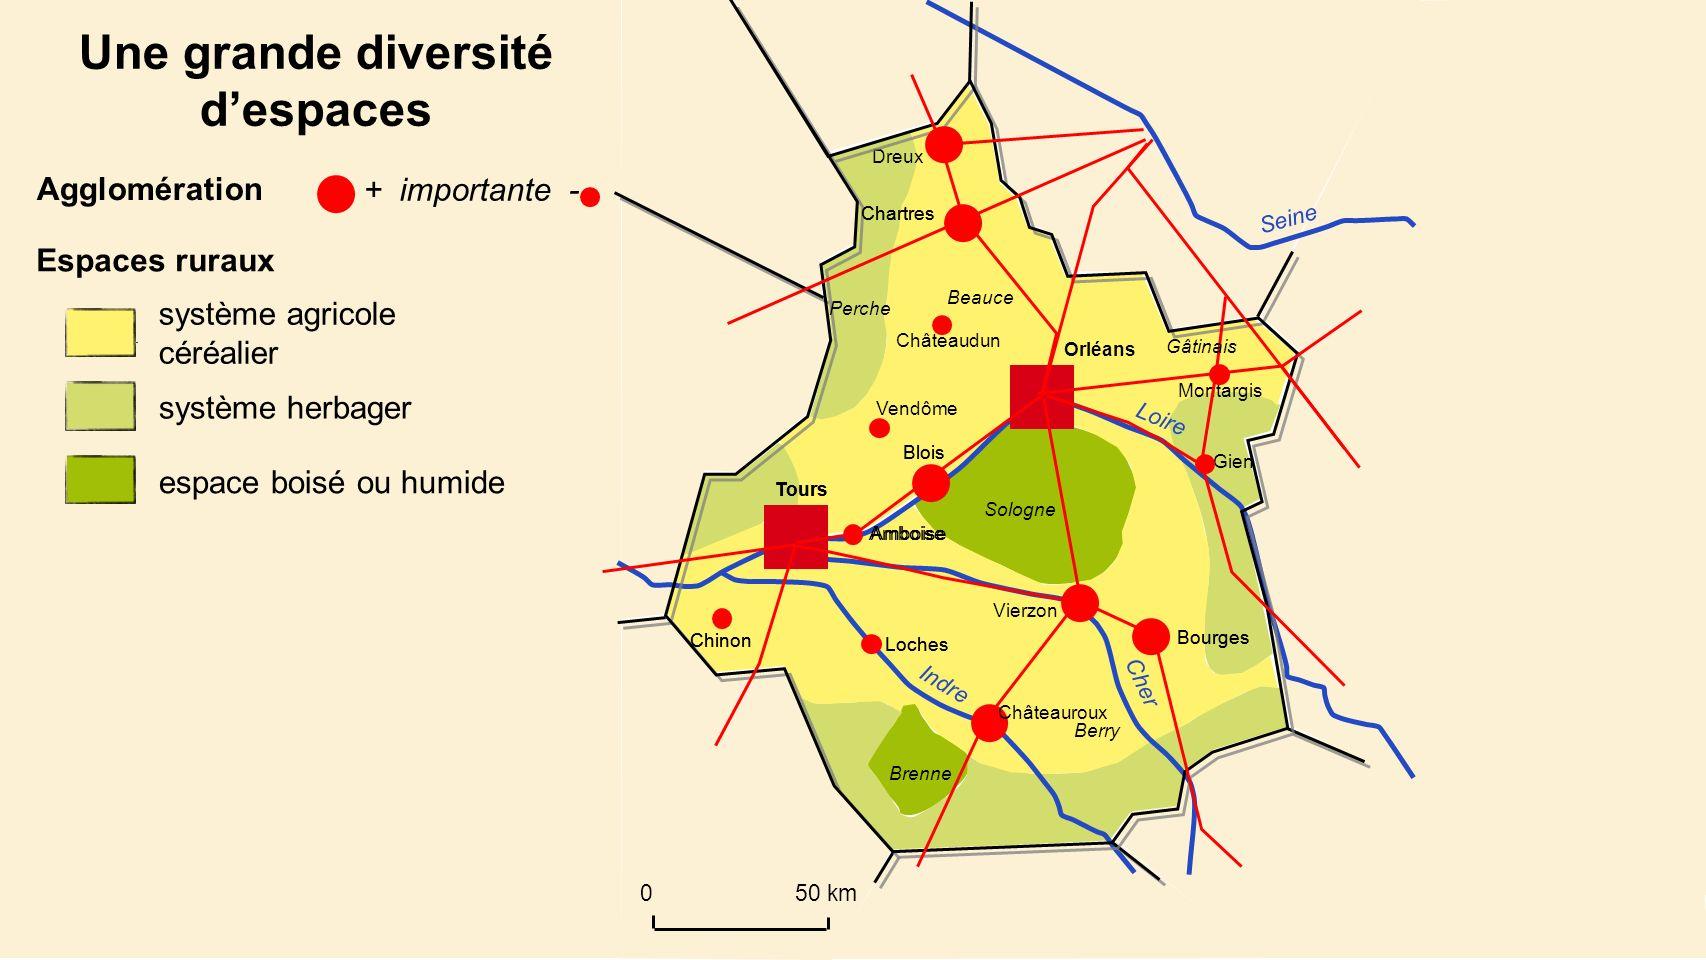 Dreux Loire Cher Indre Seine 050 km Une grande diversité despaces Agglomération + importante - Bourges Blois Châteauroux Amboise Chartres Montargis Or